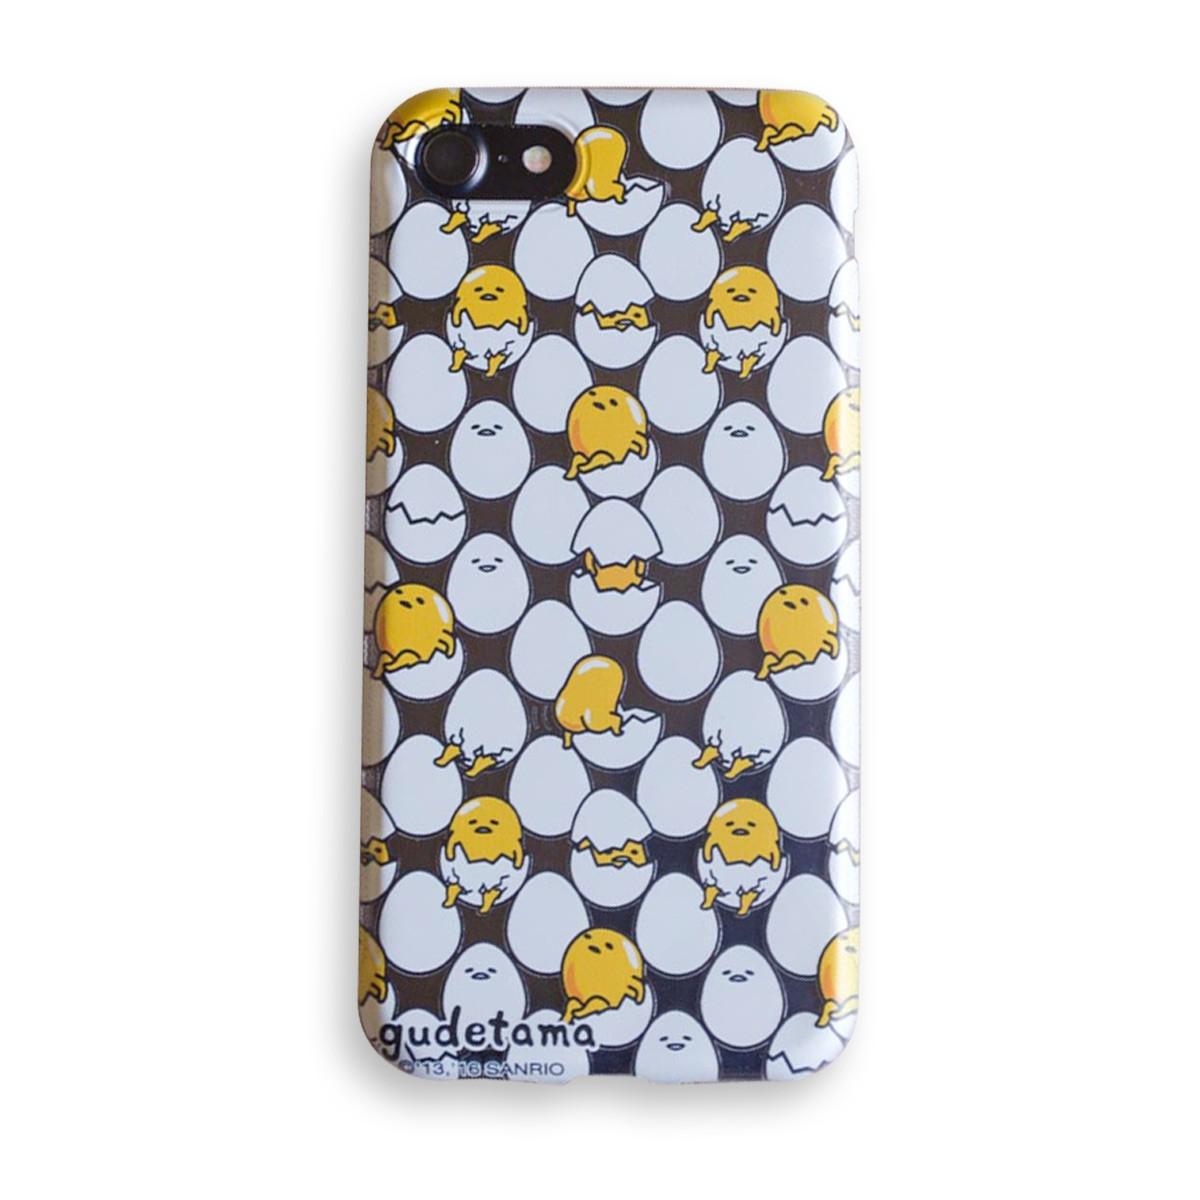 Capa para iPhone 7 Gudetama Eggshell